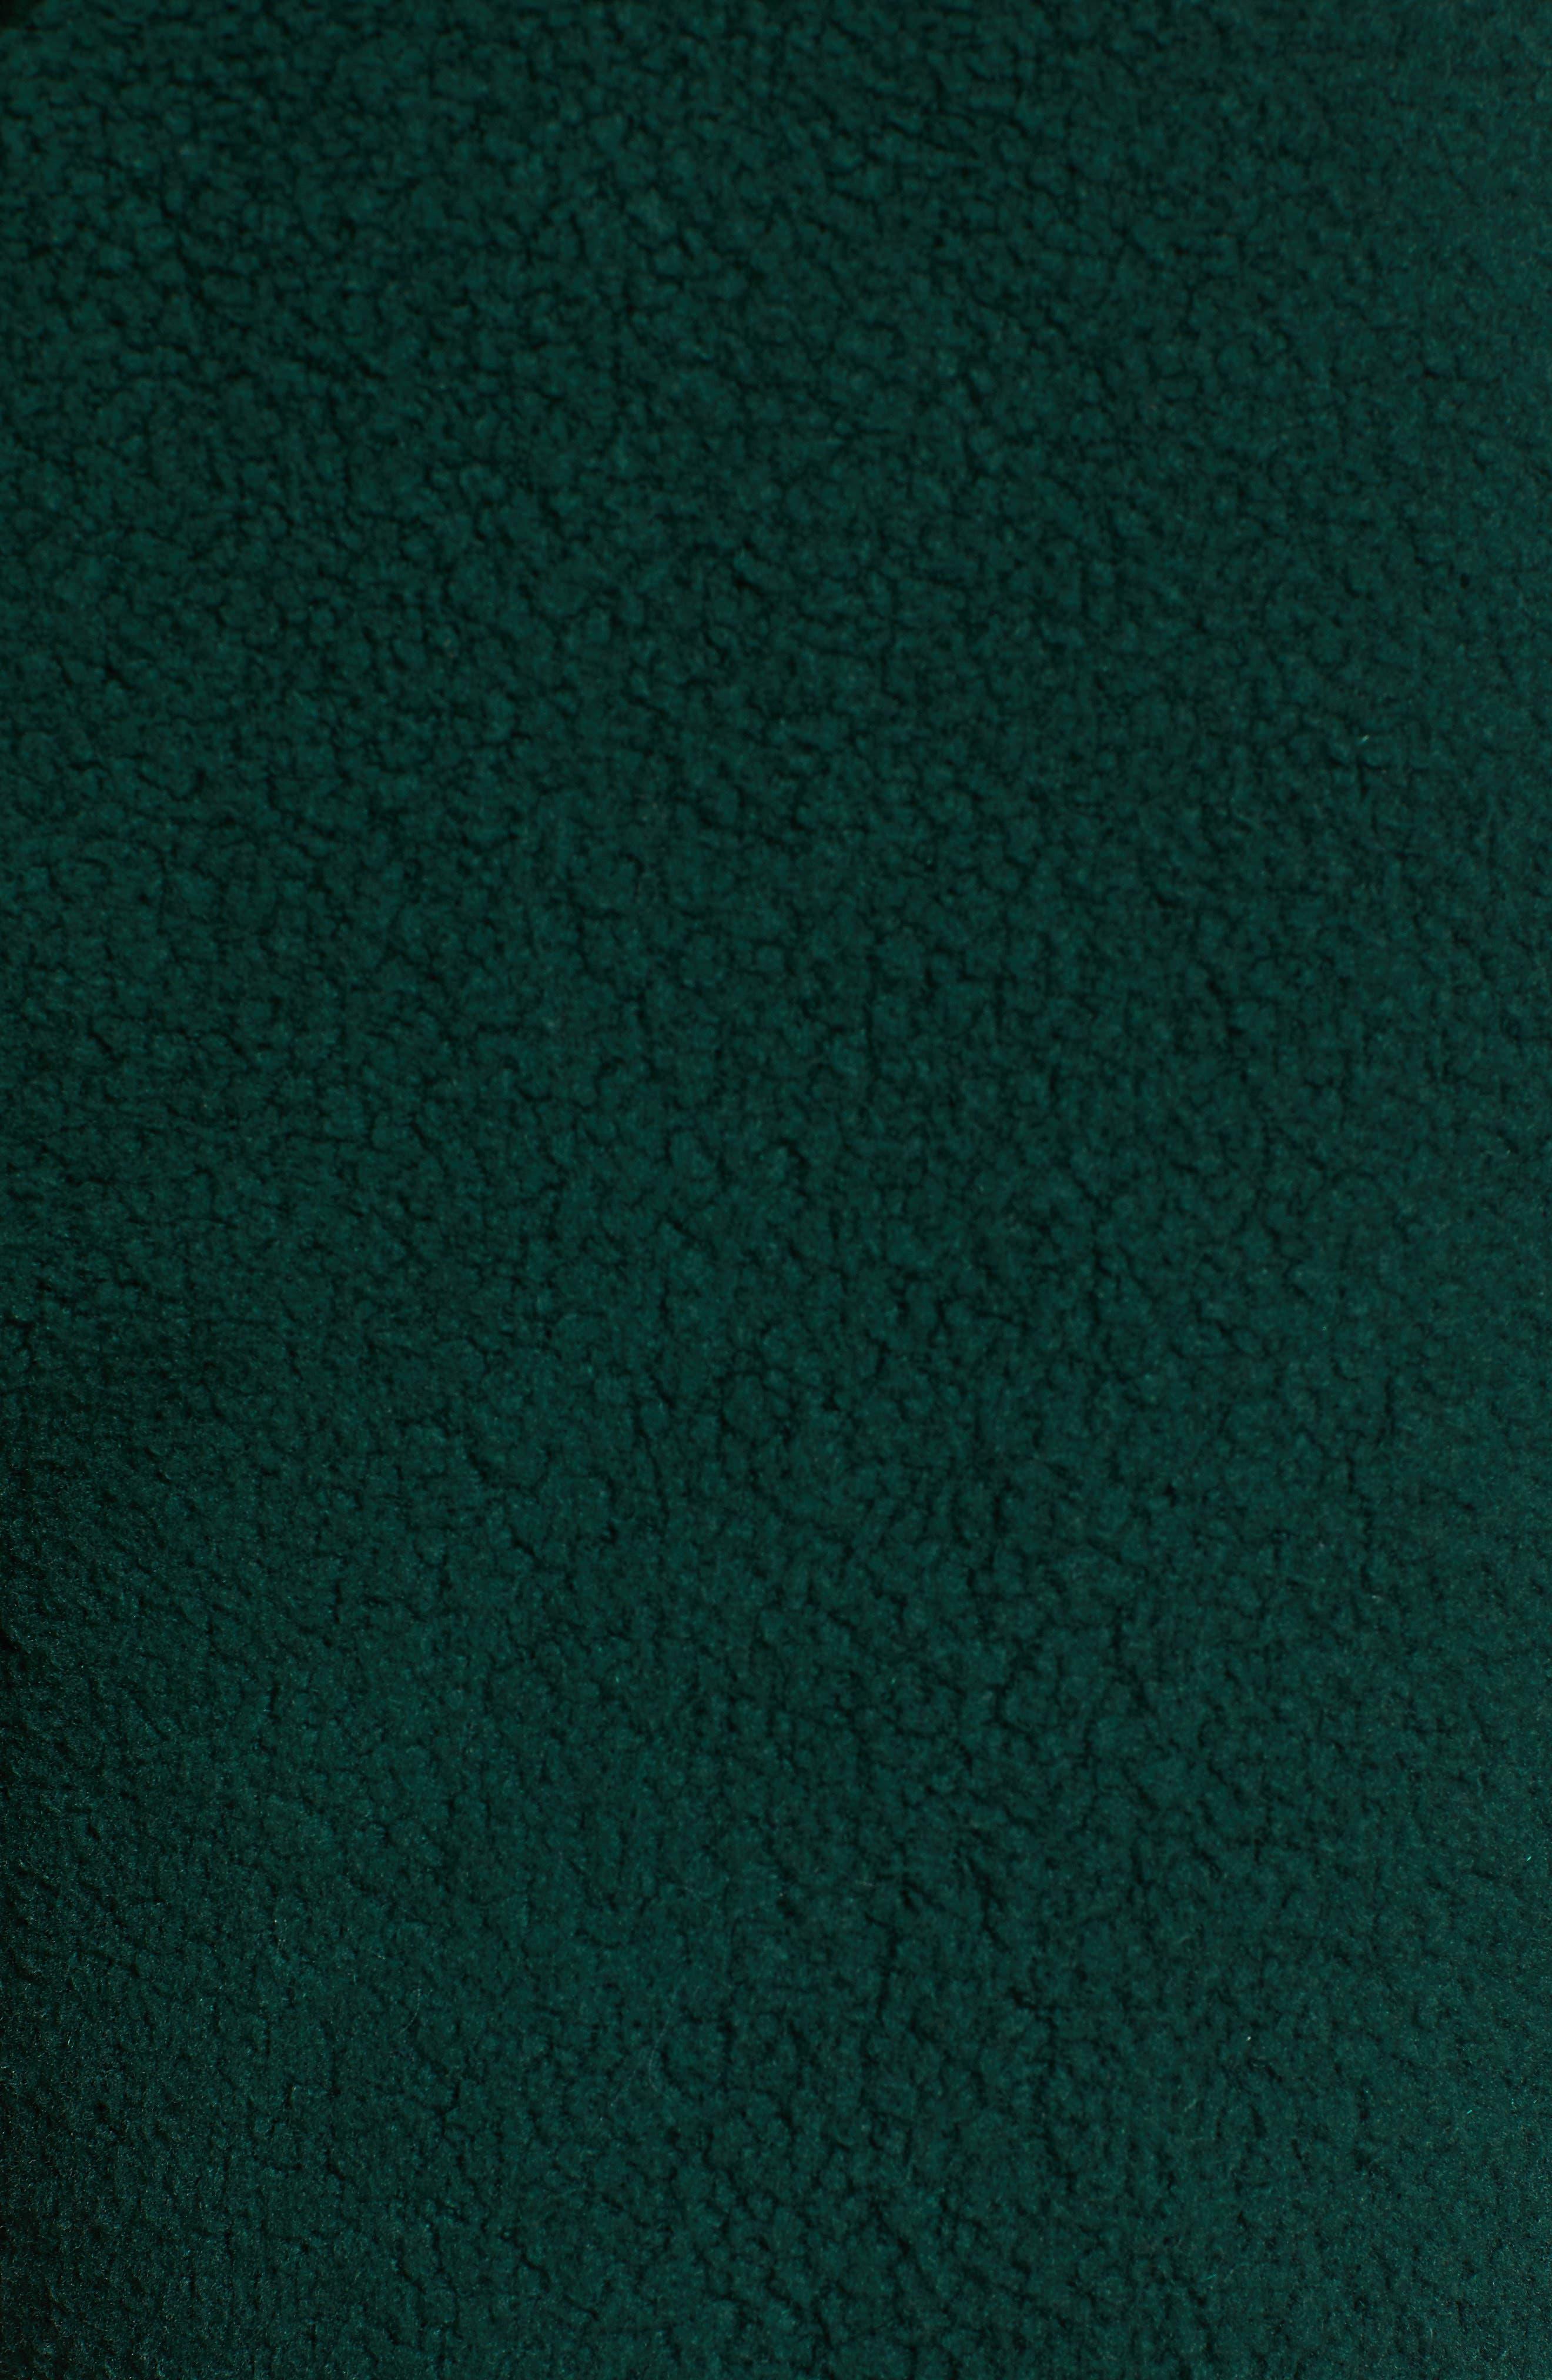 Velvet Stripe Sweatpants,                             Alternate thumbnail 5, color,                             BOTANICAL GREEN